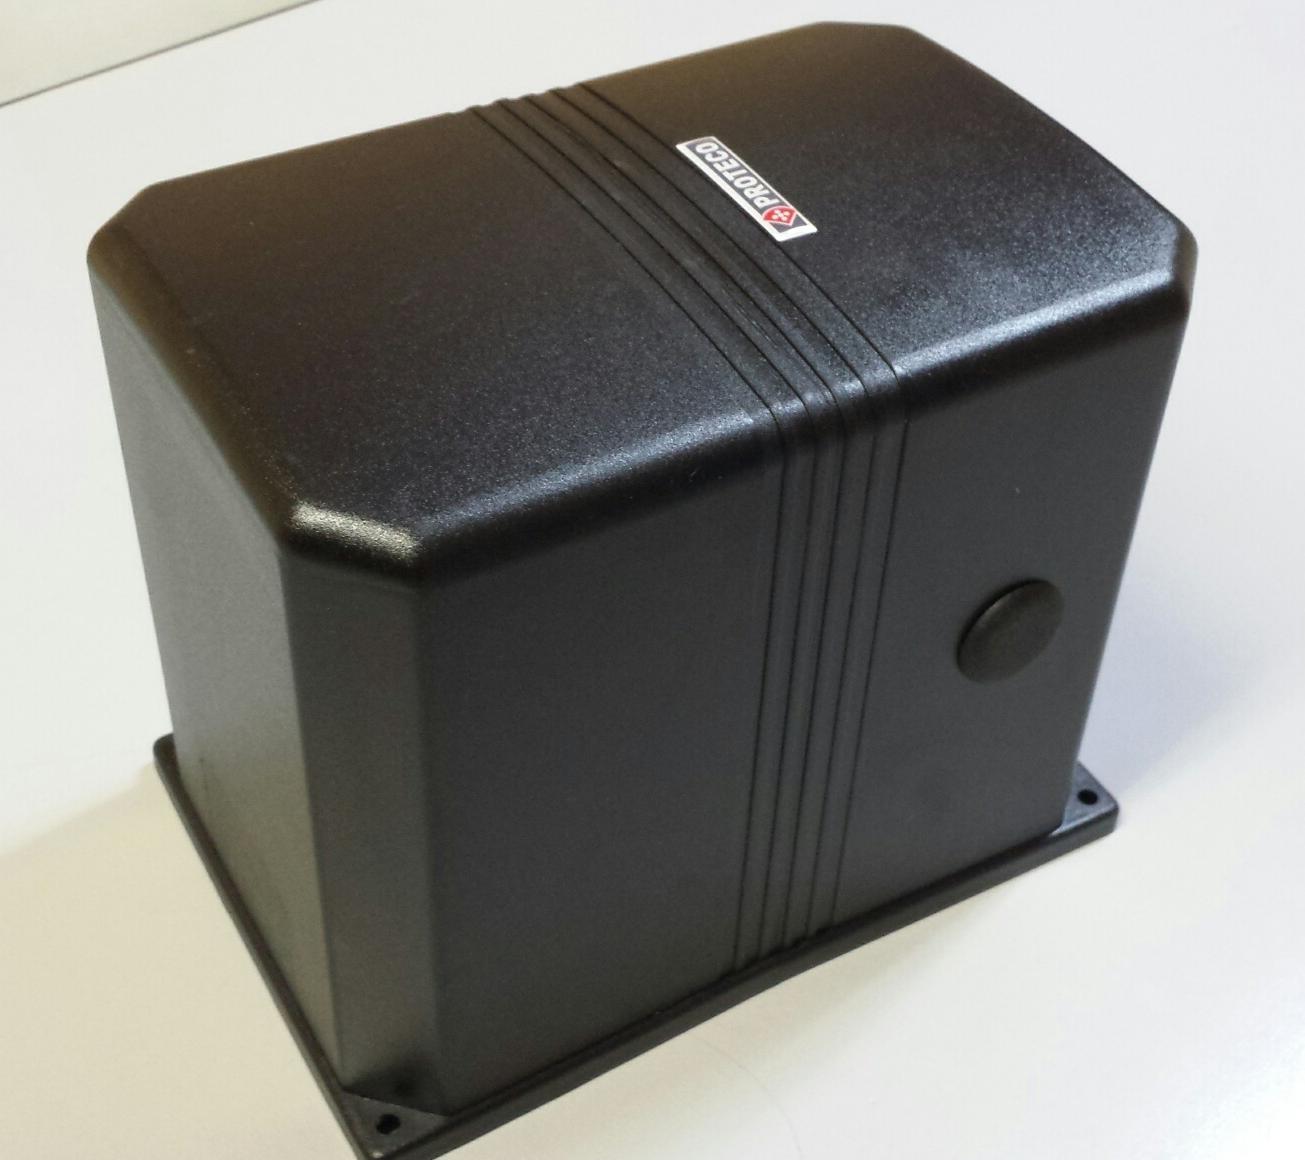 capot moteur simply proteco cap204 automatismes de portails ce garantis 3 ans. Black Bedroom Furniture Sets. Home Design Ideas